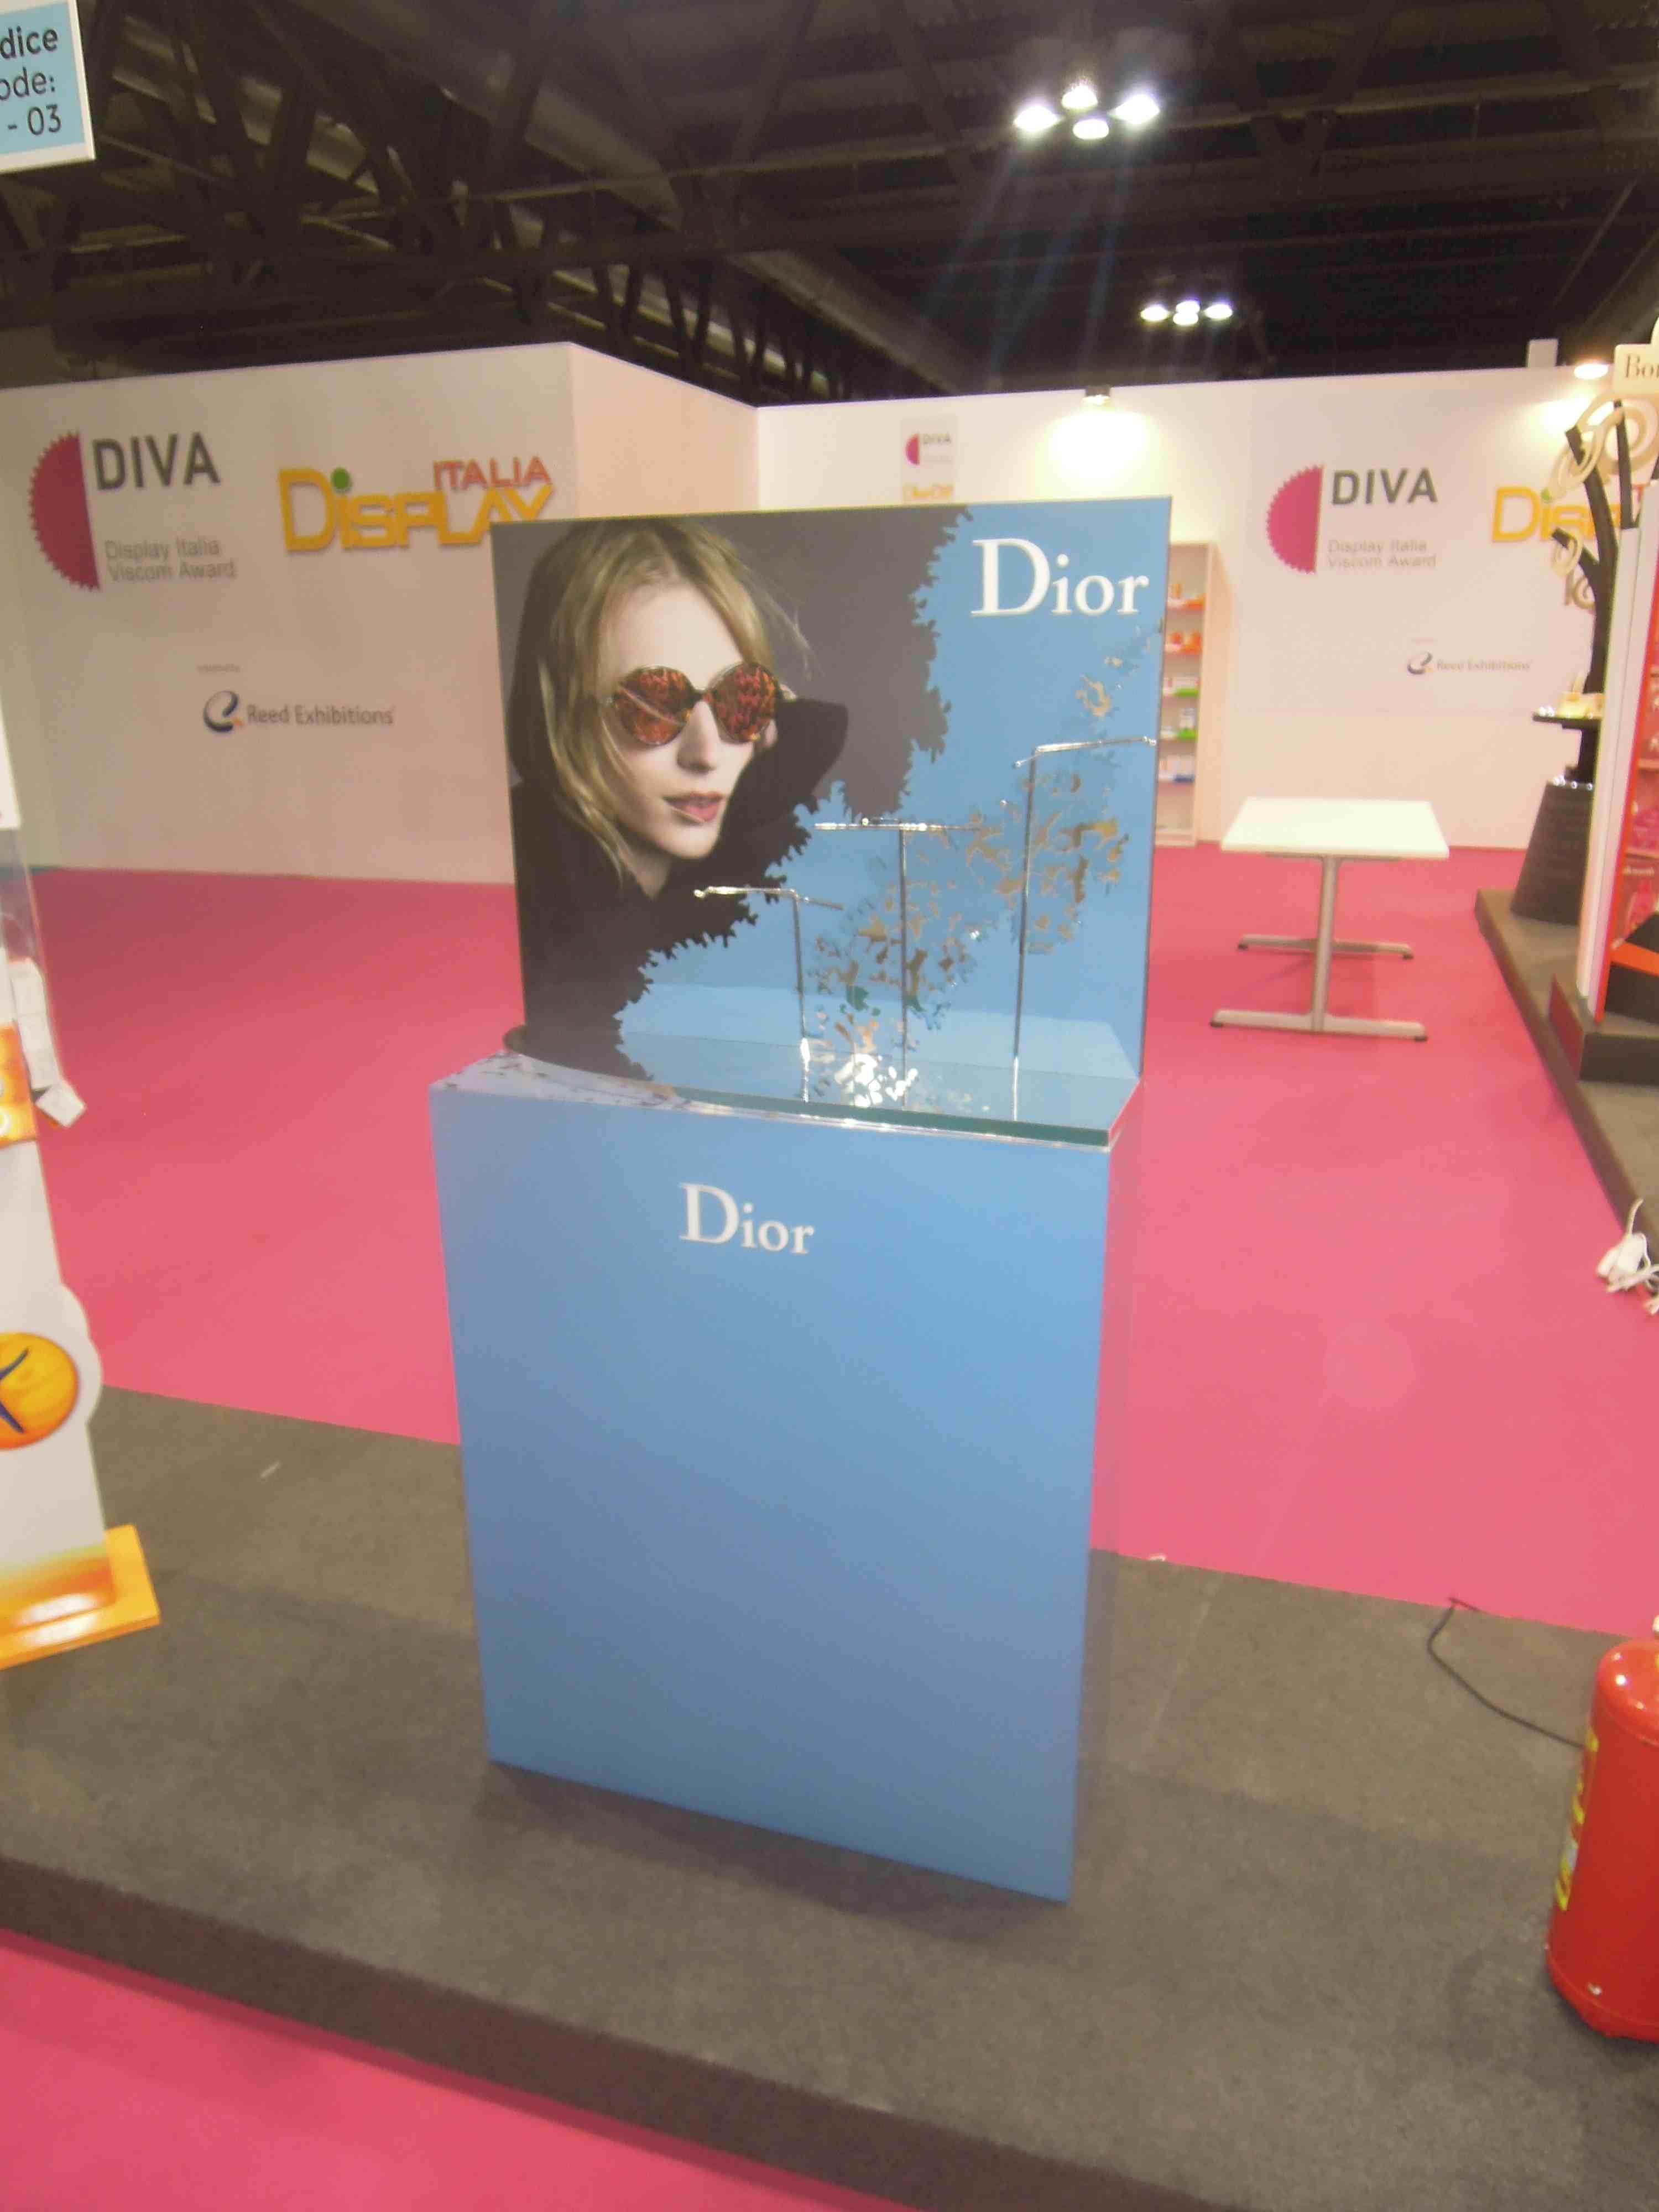 1°- Robots spa per Dior